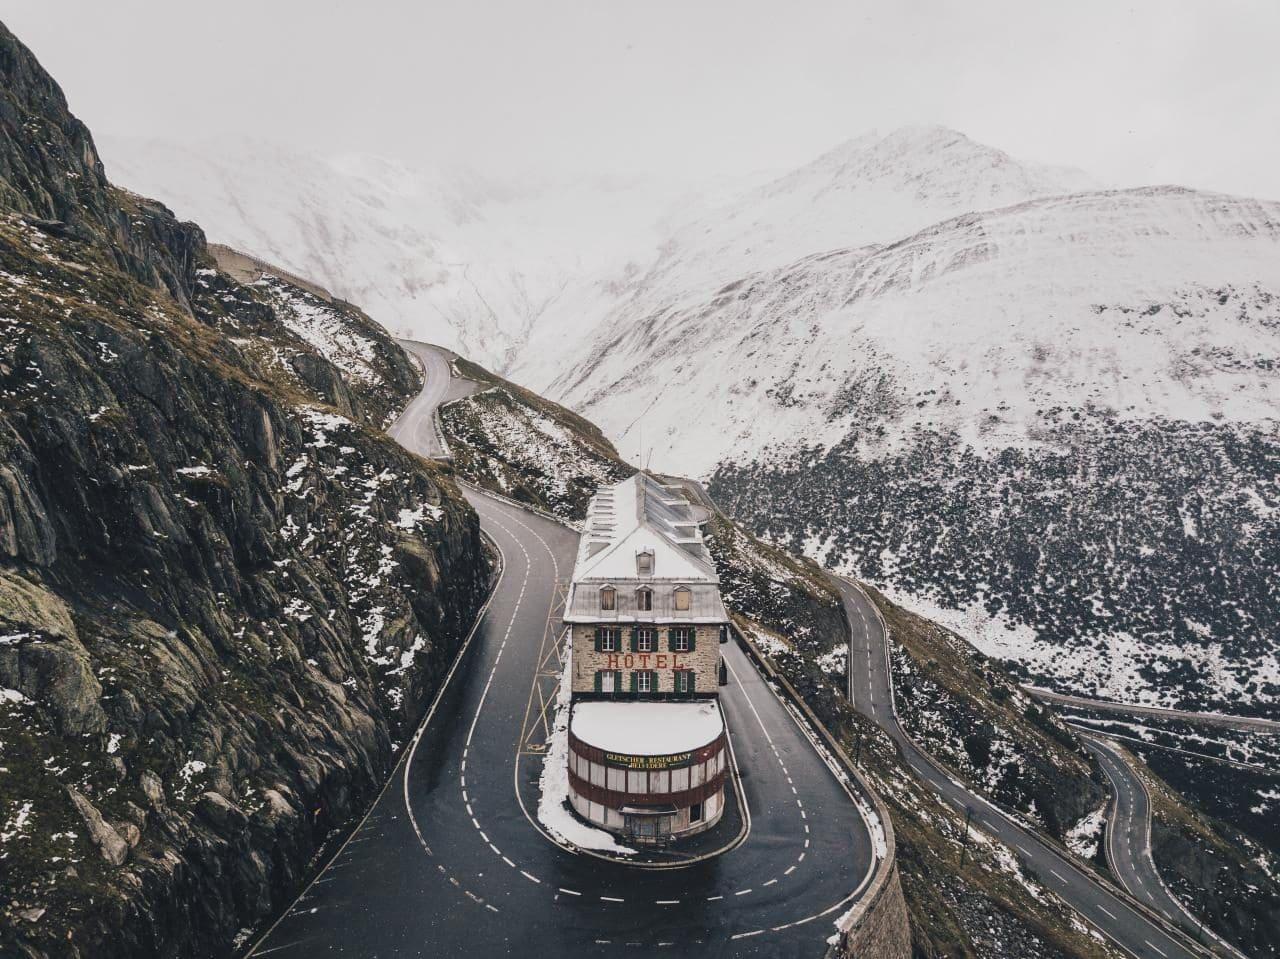 스위스 푸르카 패스 정상에서 내려와 만나는 벨베데레(Belvédère) 호텔, Furka Pass, Obergoms, Switzerland, Image - nigel-tadyanehondo